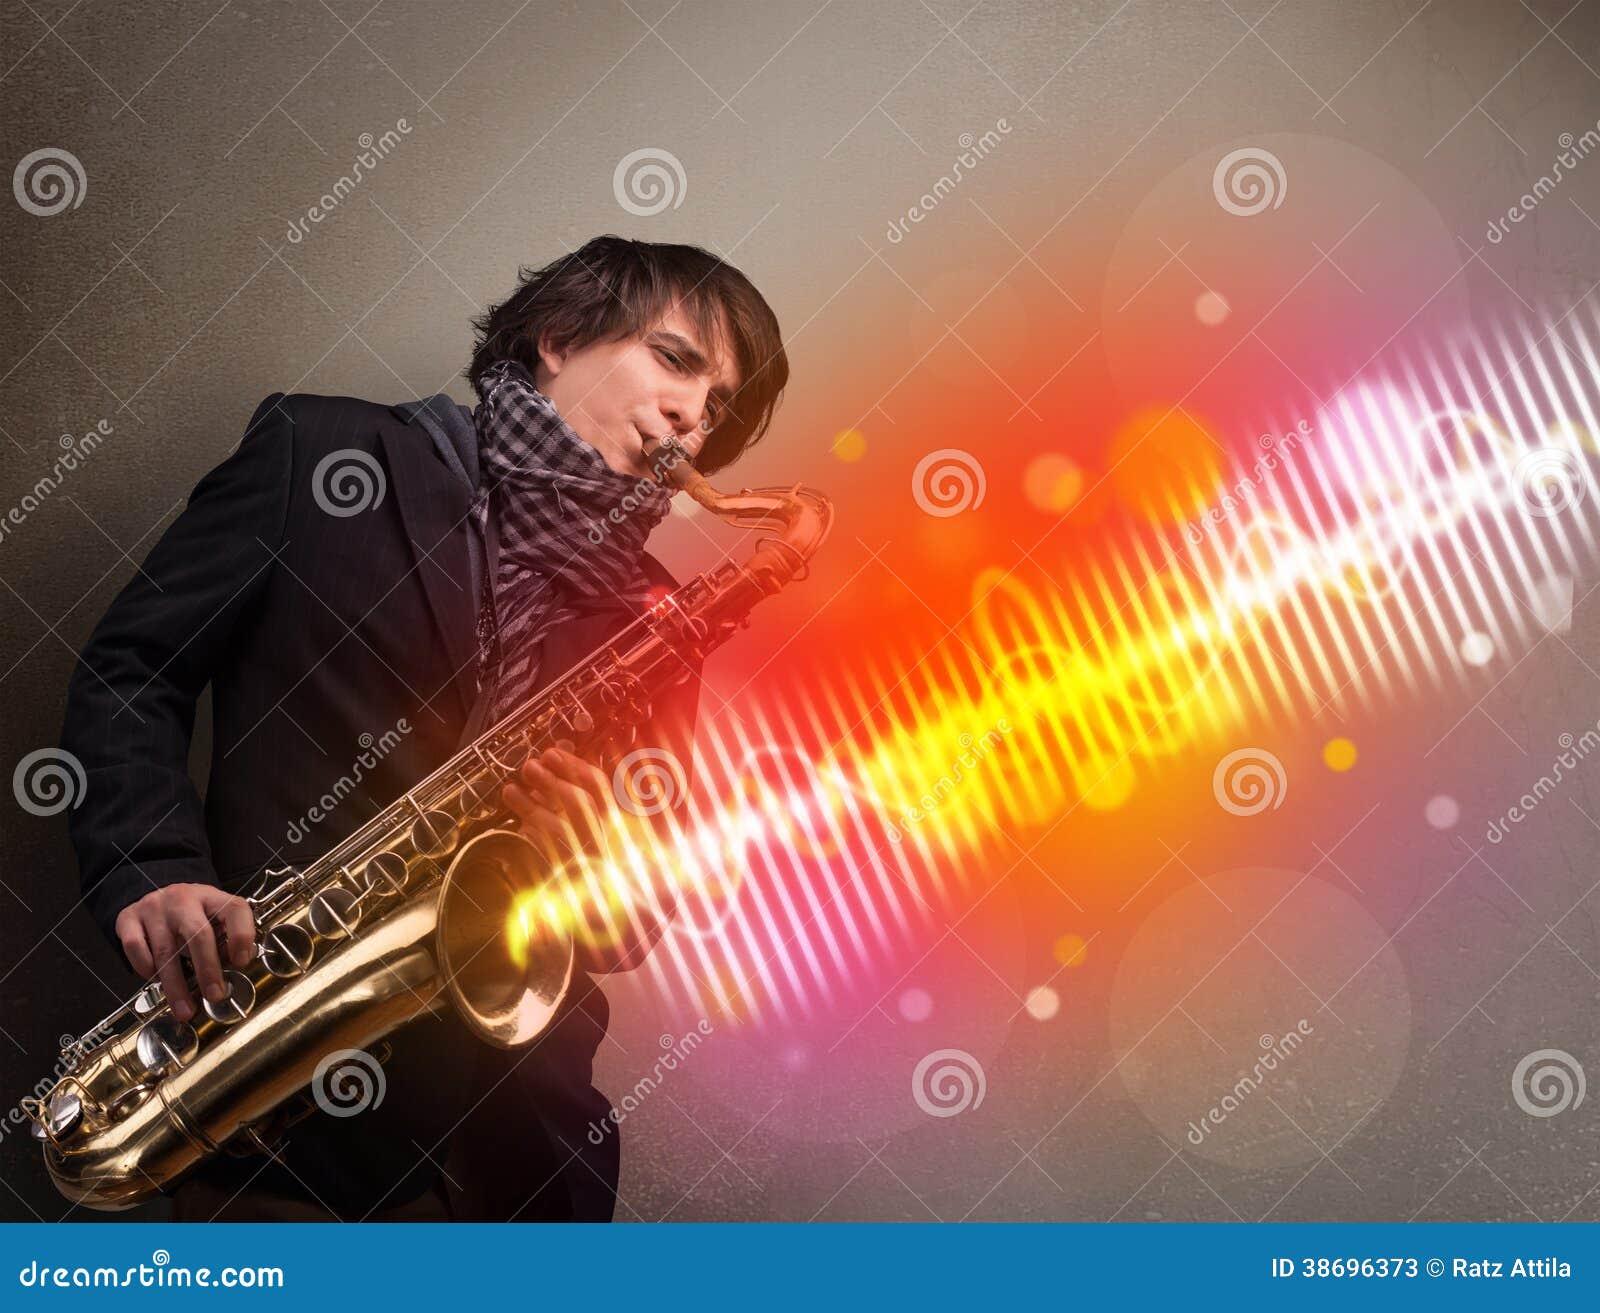 saksofon-sving-blyuz